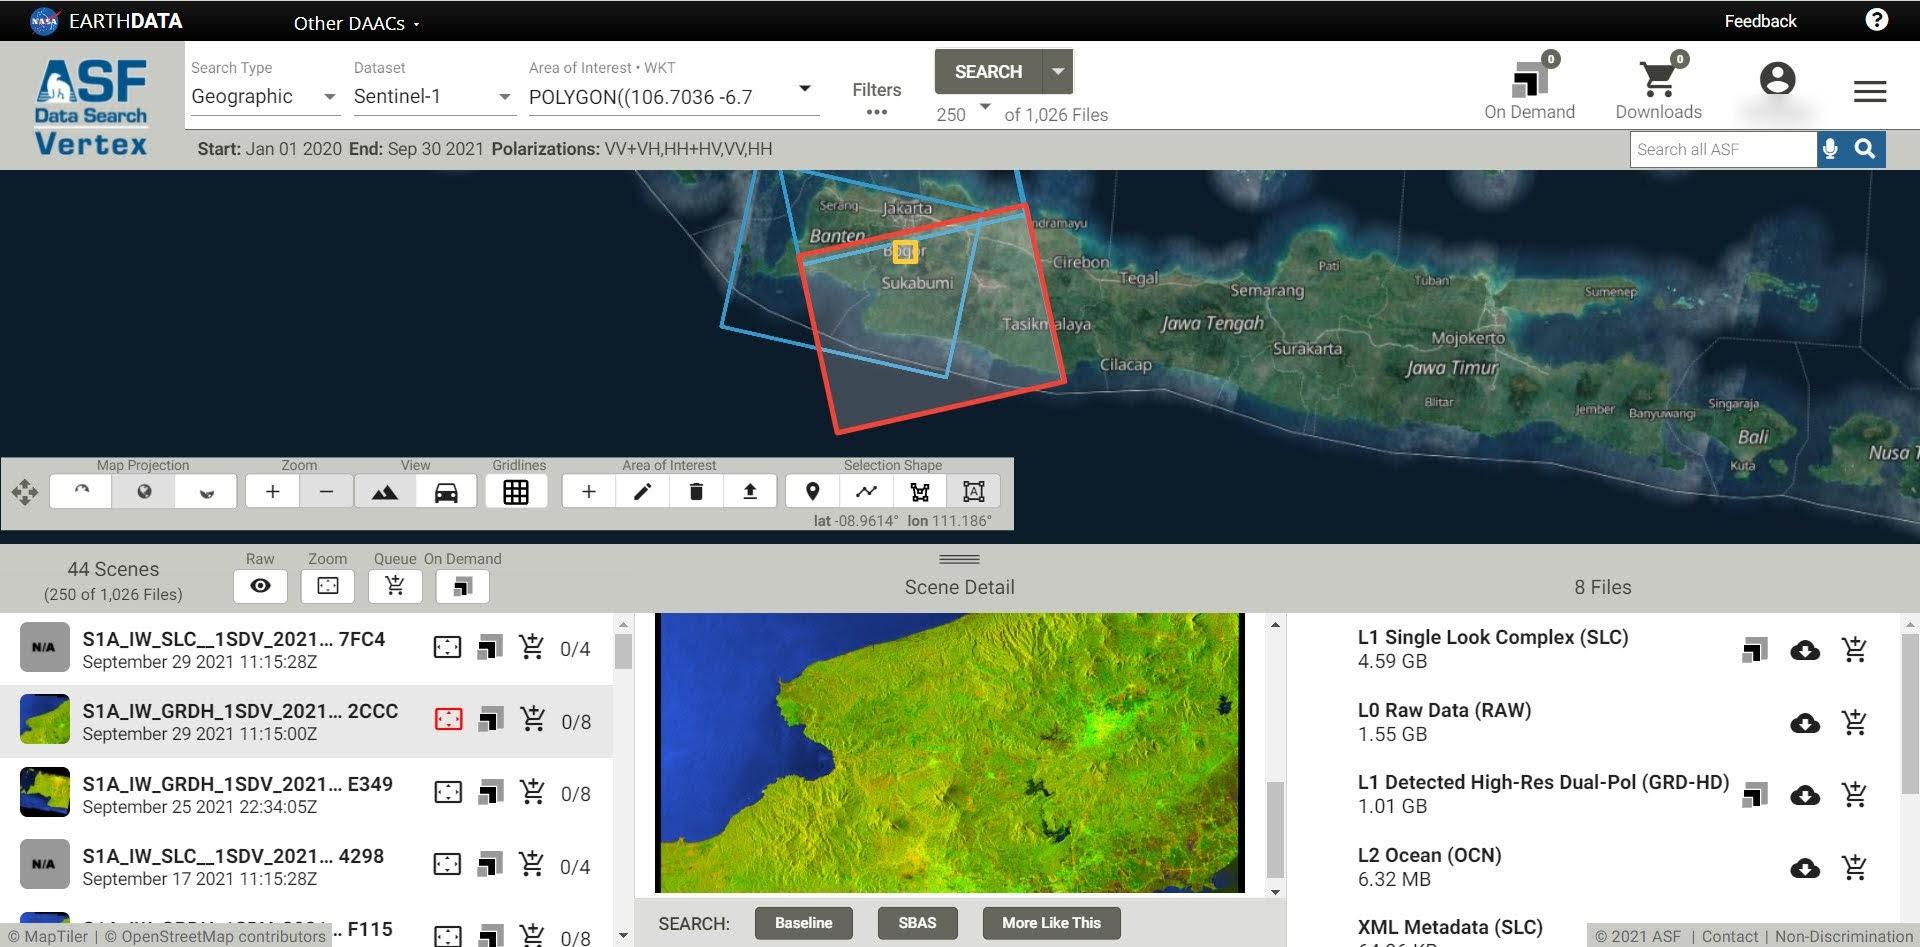 Di Mendownload Memperolah Data Radar ?